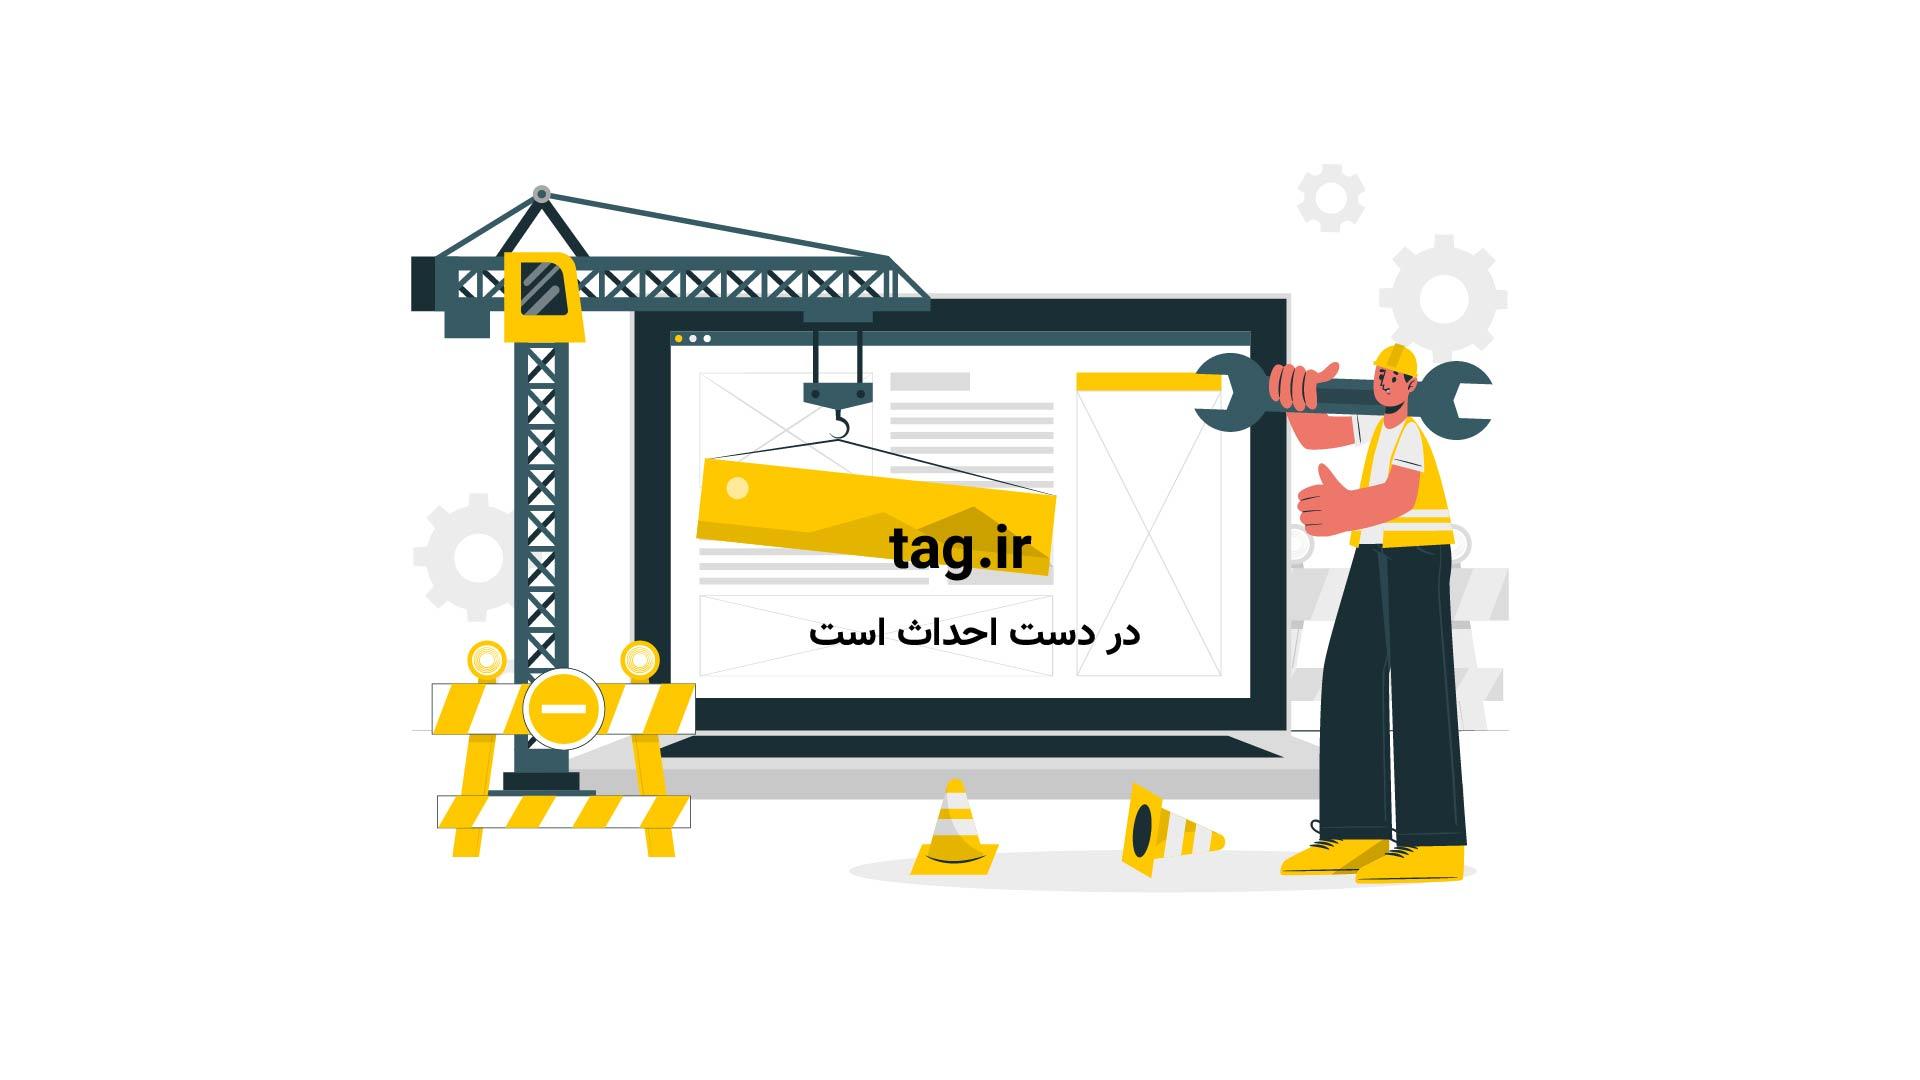 قهرمانی رئال مادرید در سوپر کاپ اسپانیا | فیلم